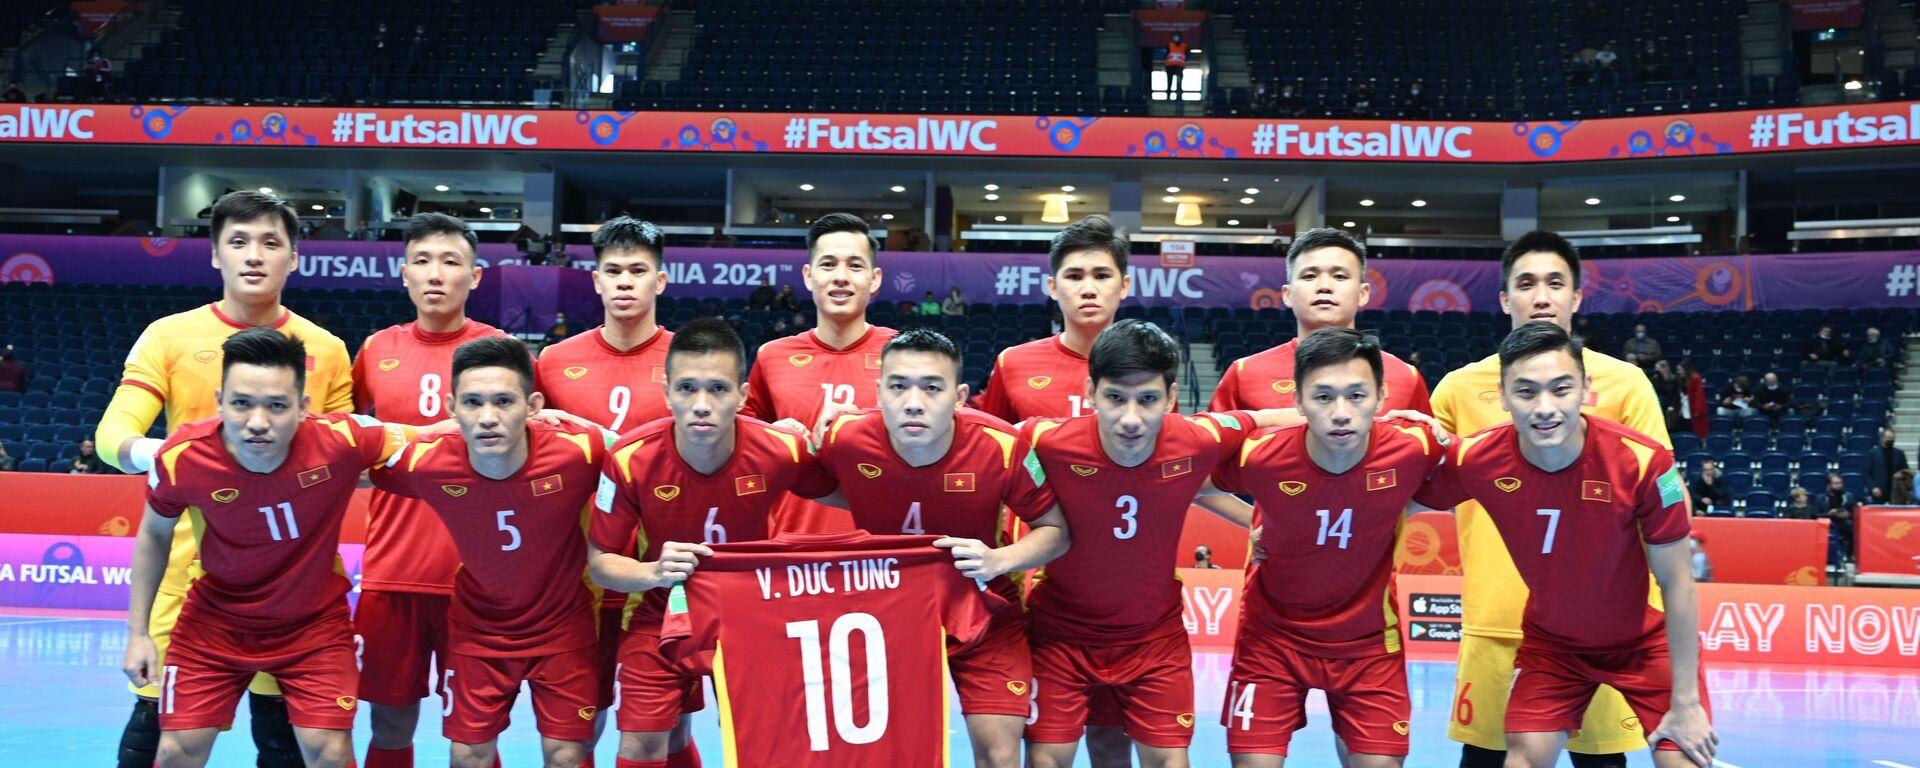 VCK Futsal World Cup 2021: Thua sát nút Á quân thế giới, tuyển Việt Nam chia tay World Cup futsal 2021 - Sputnik Việt Nam, 1920, 22.09.2021